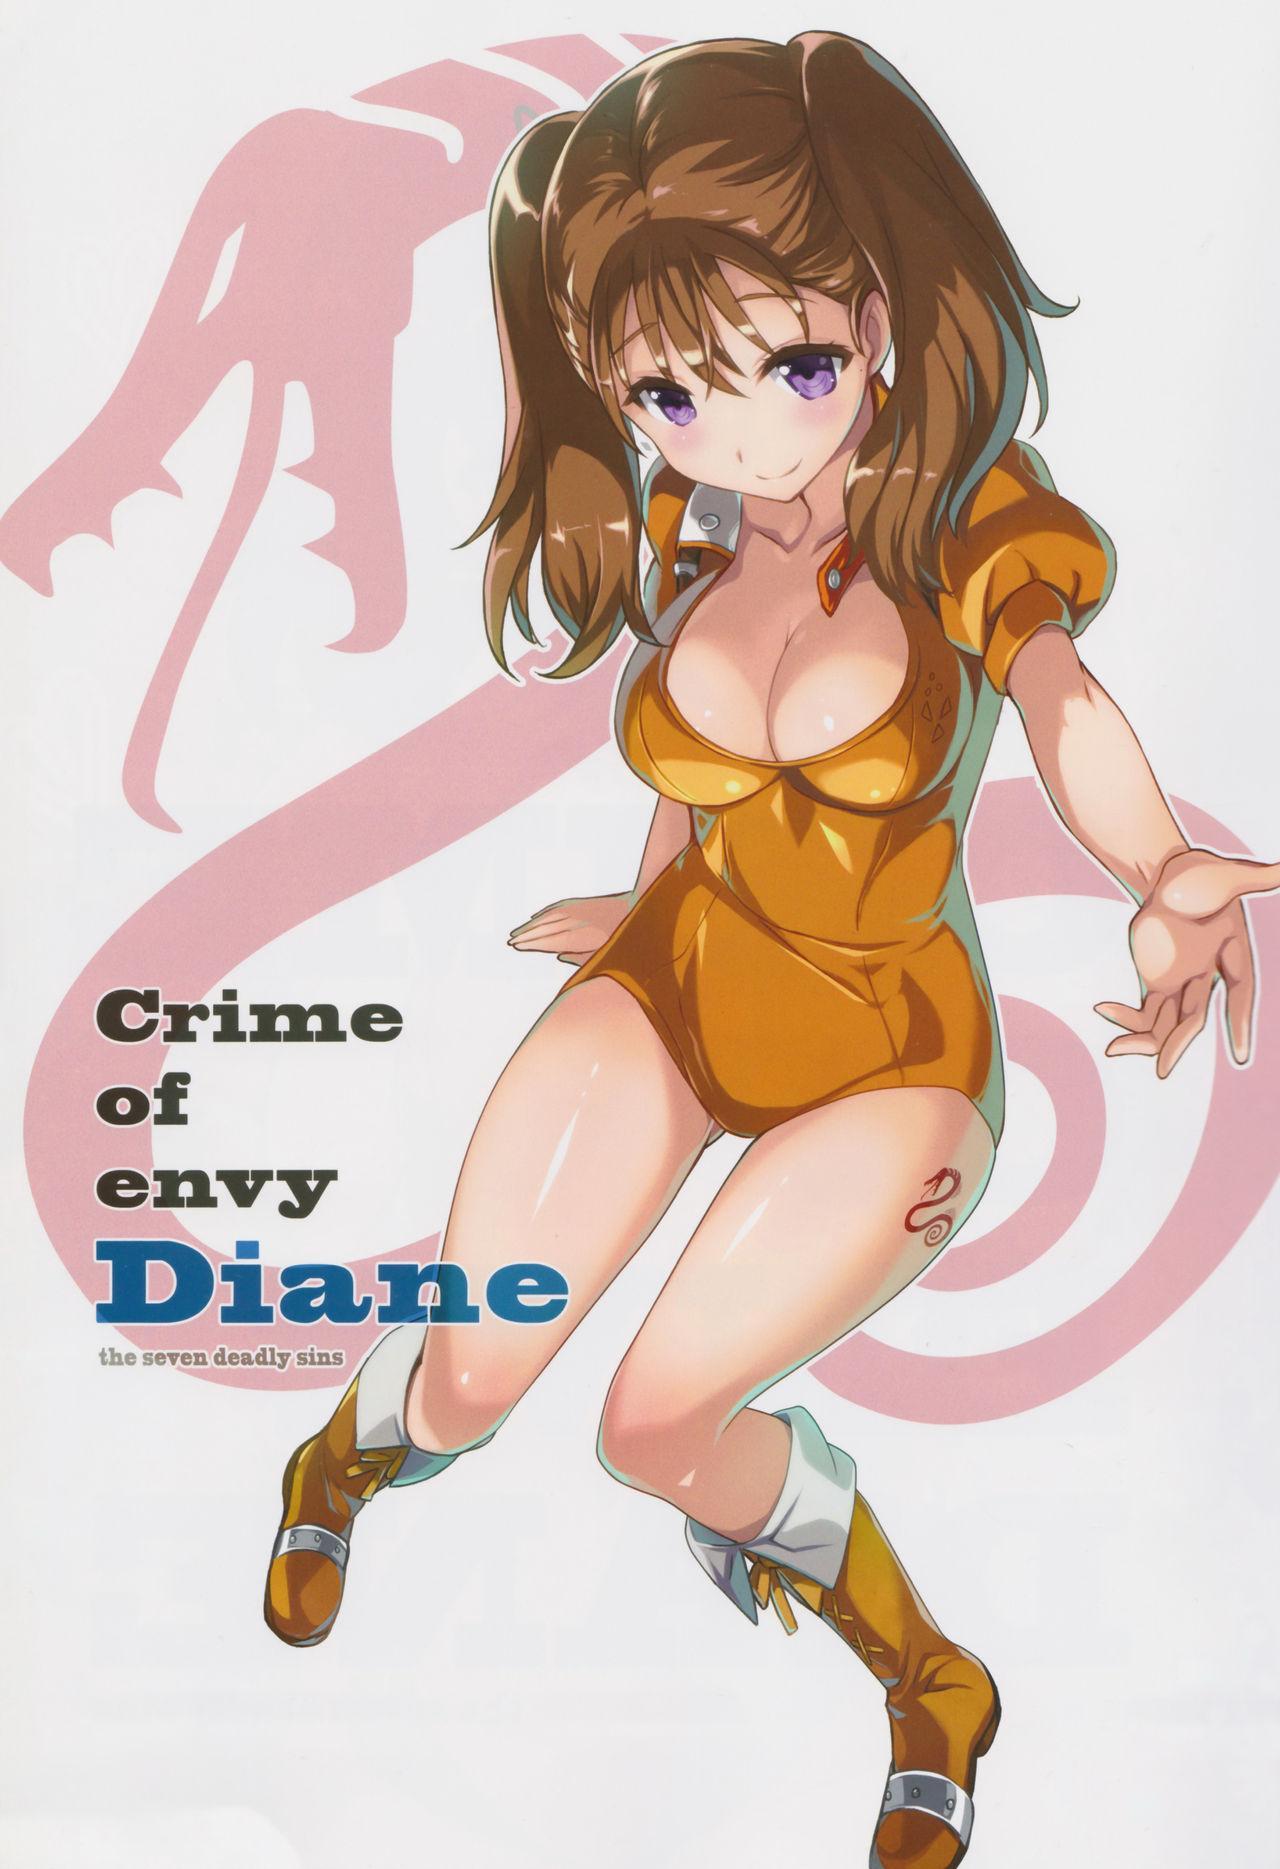 CRIME OF ENVY DIANE 1